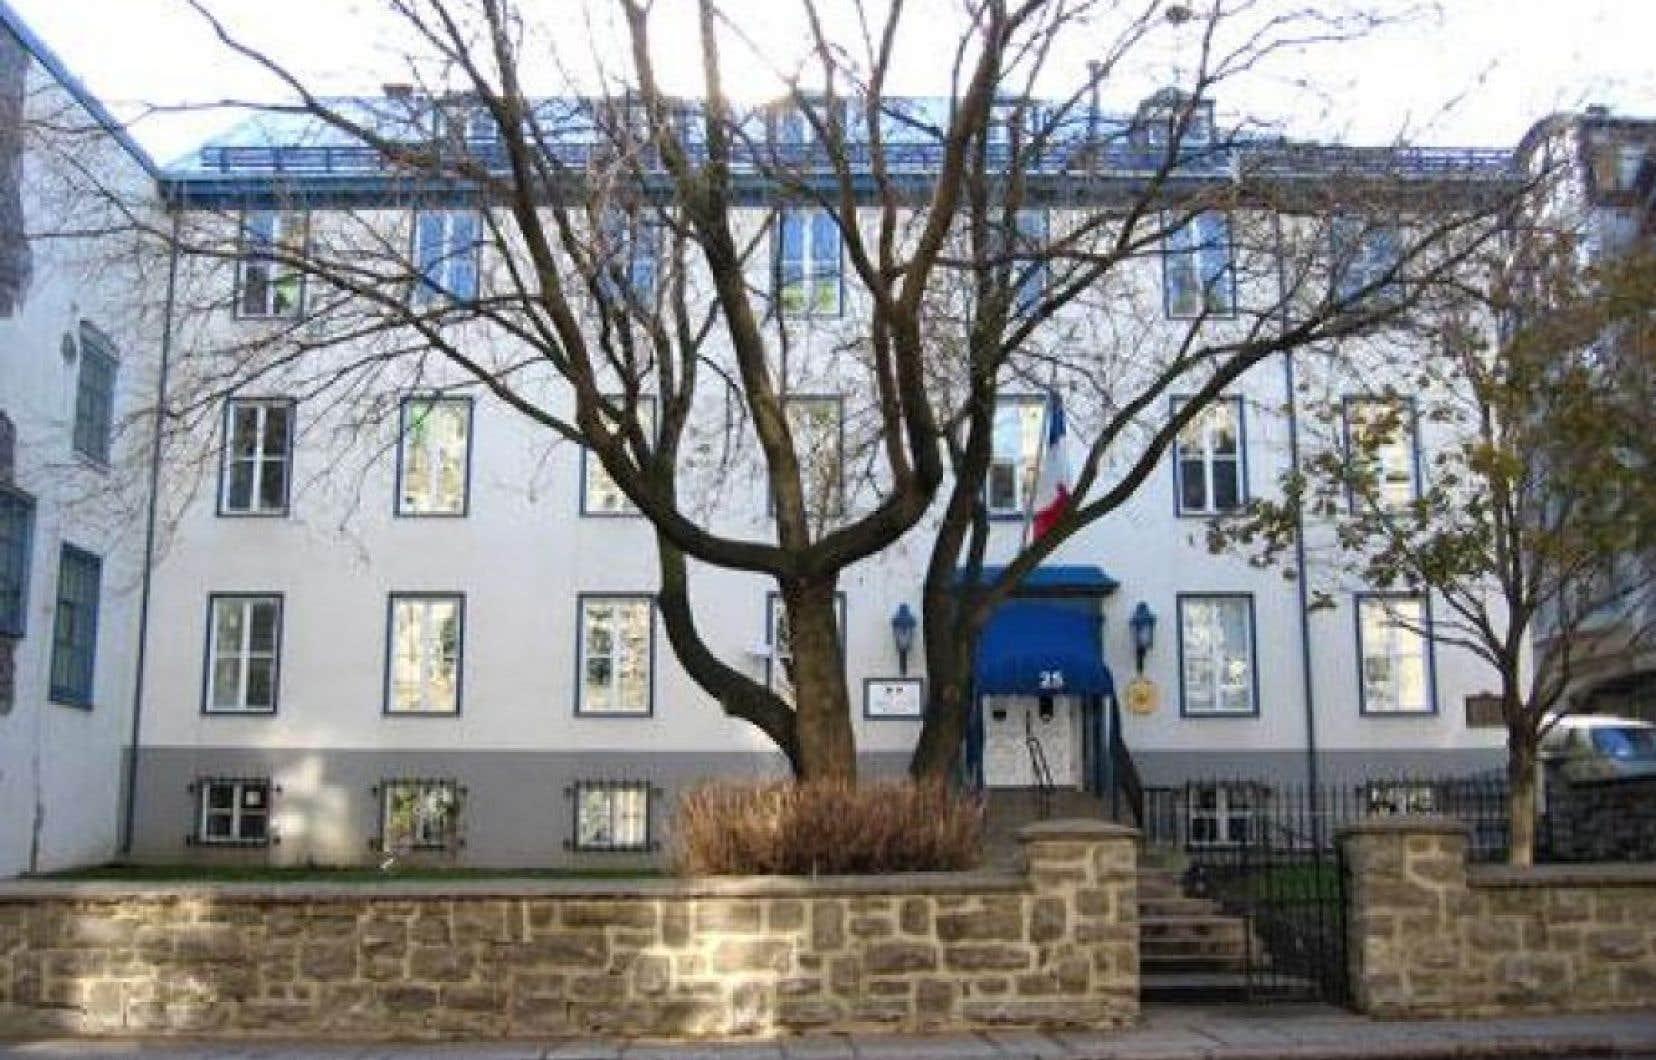 Affichée il y a quelques mois pour 3 millions de dollars, la vente de la Maison Kent avait été critiquée en France.